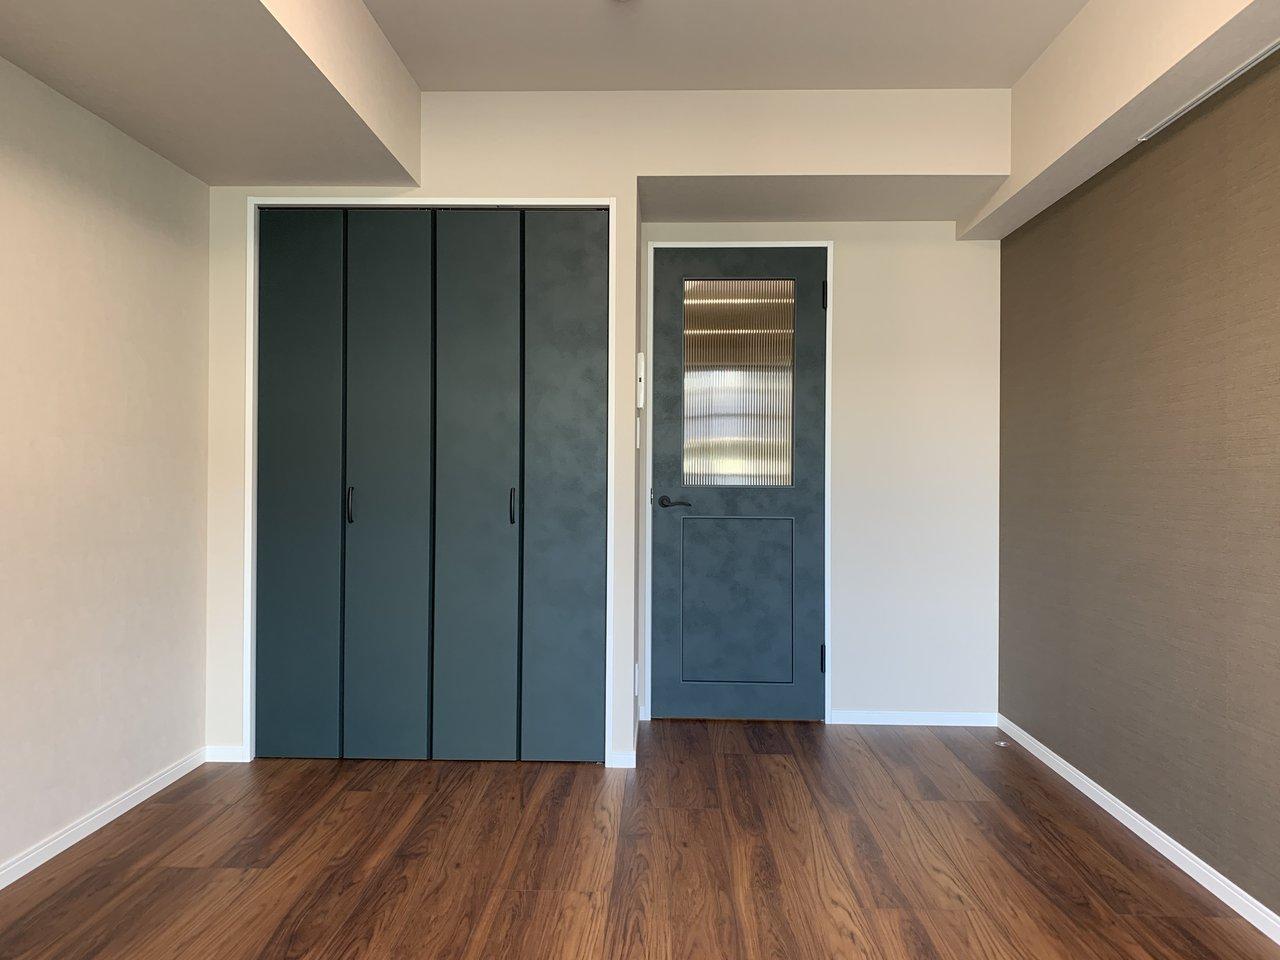 これまたすごく大人っぽい、深いグリーンの建具。ドアやクローゼットの色って自分では変えられないから嬉しいですよね。